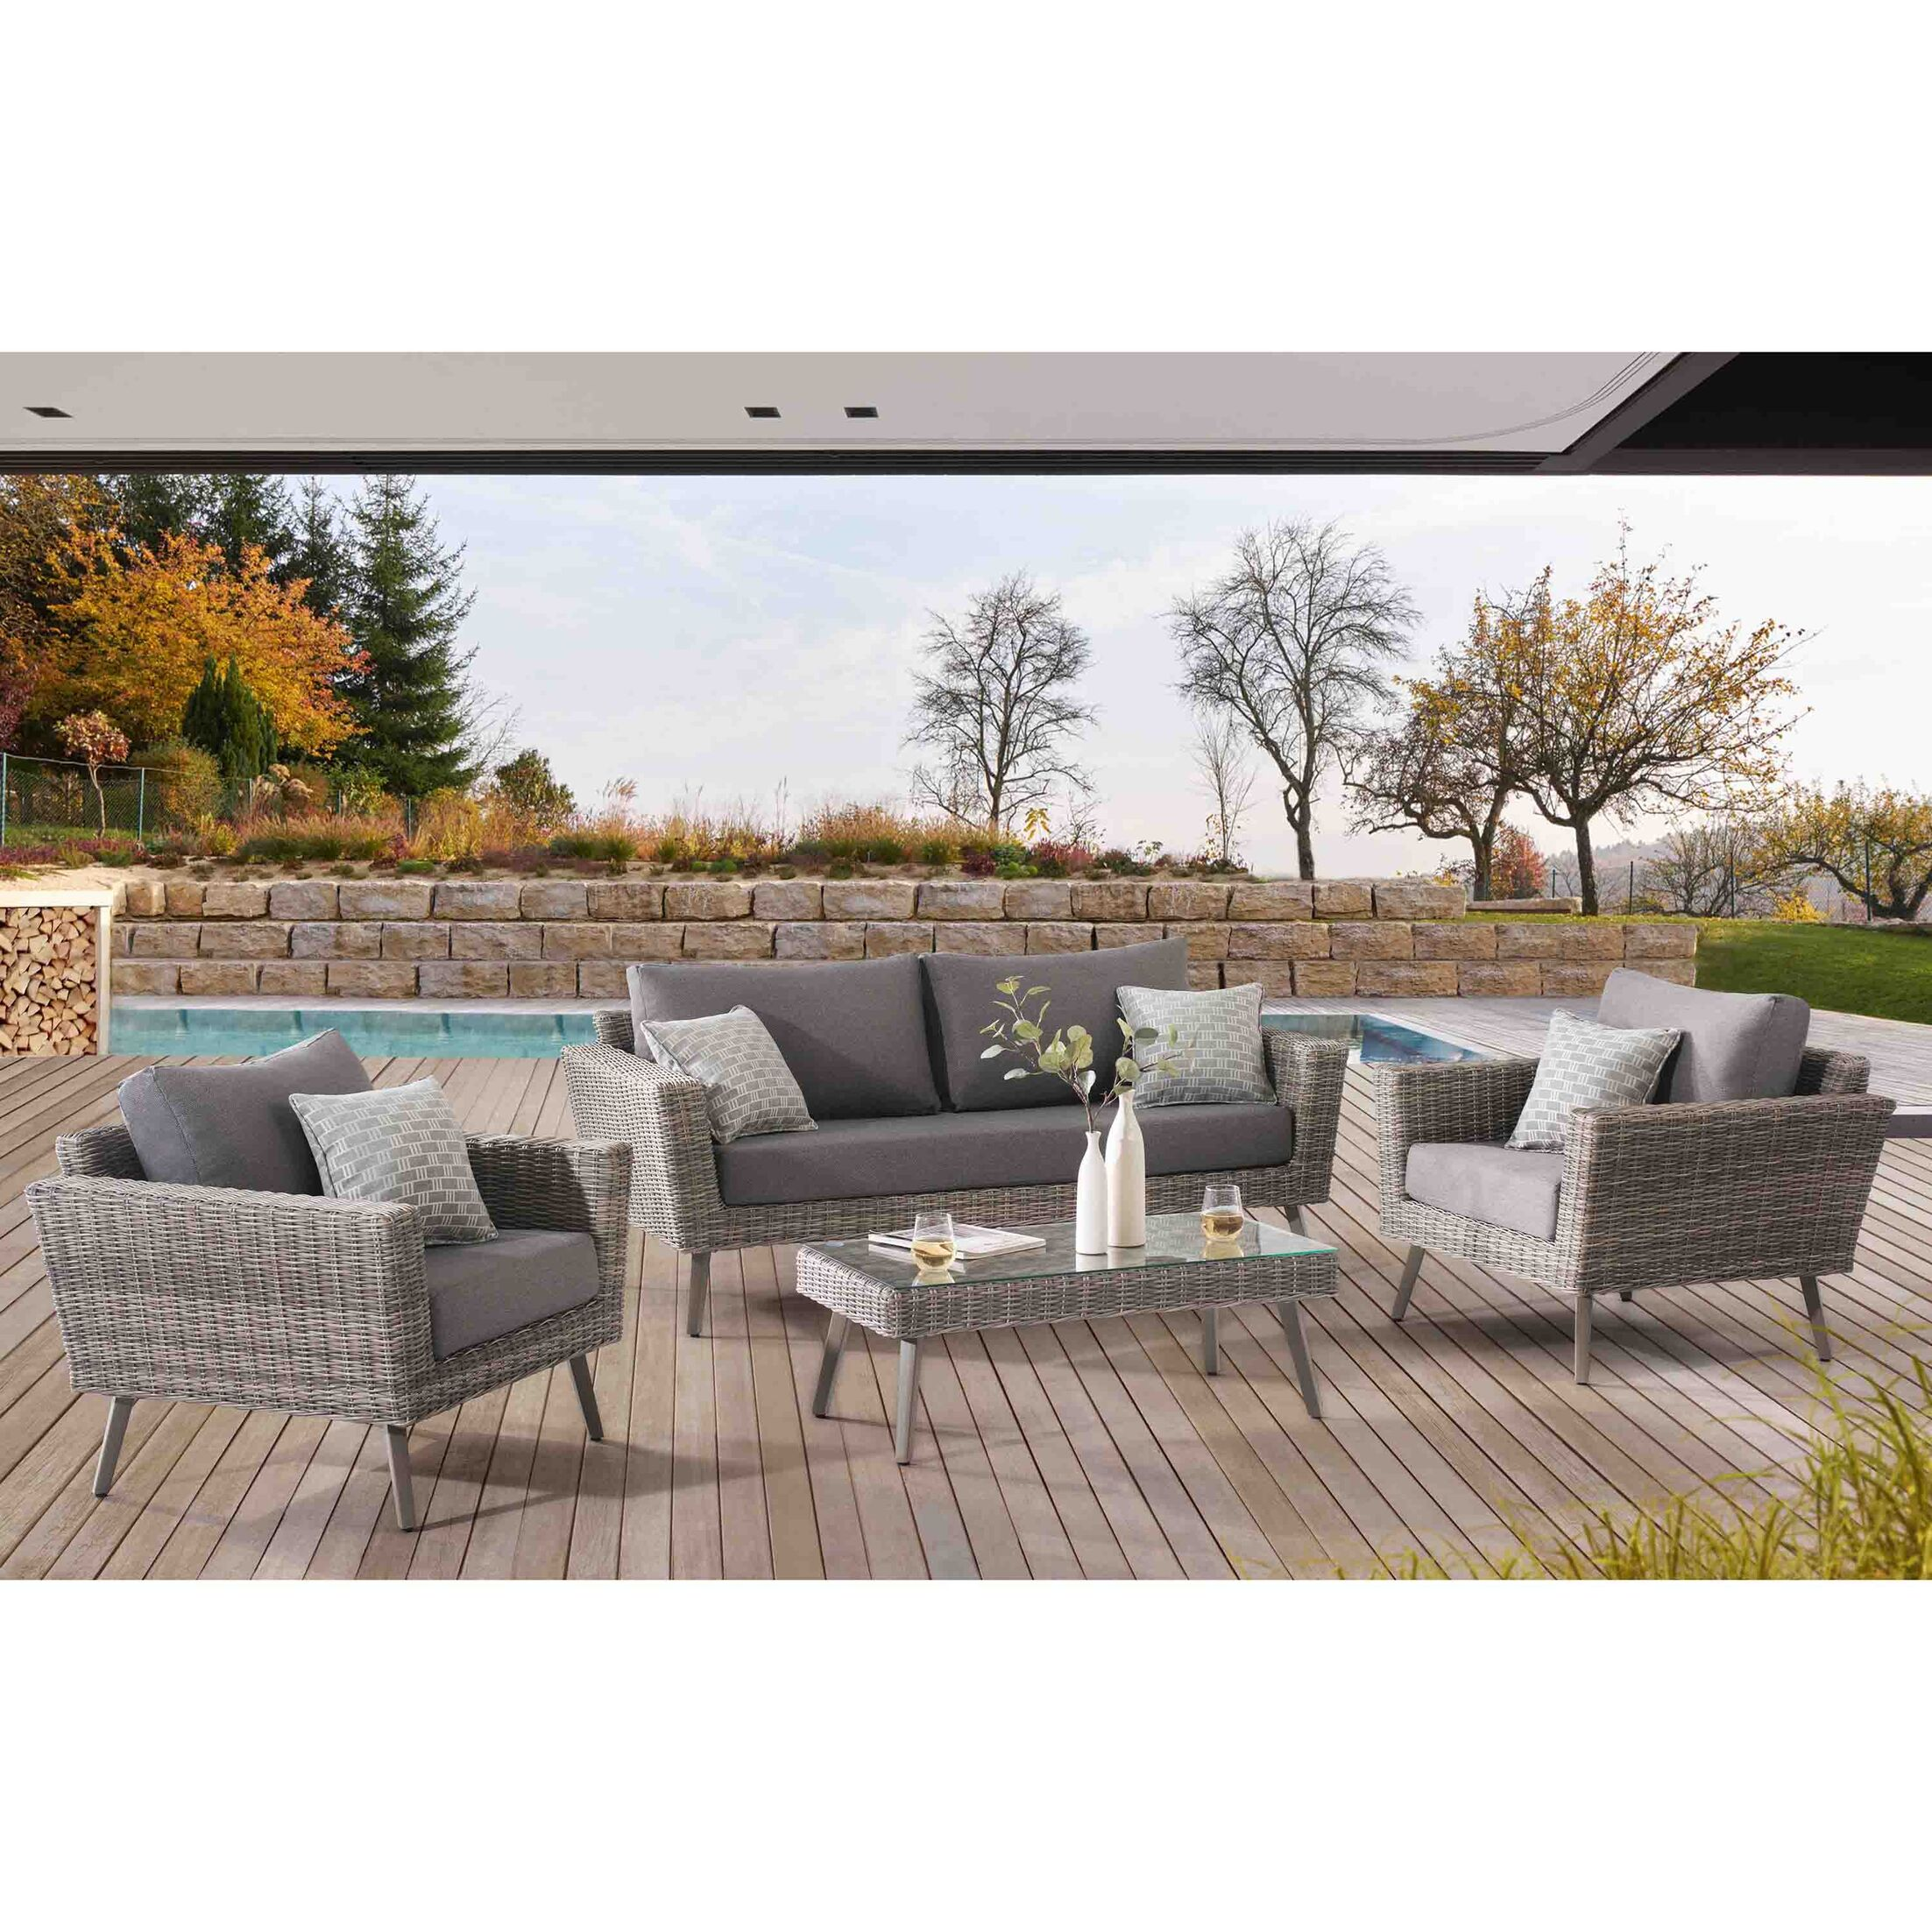 Kona Grove 4 Piece Sofa Set with Cushions